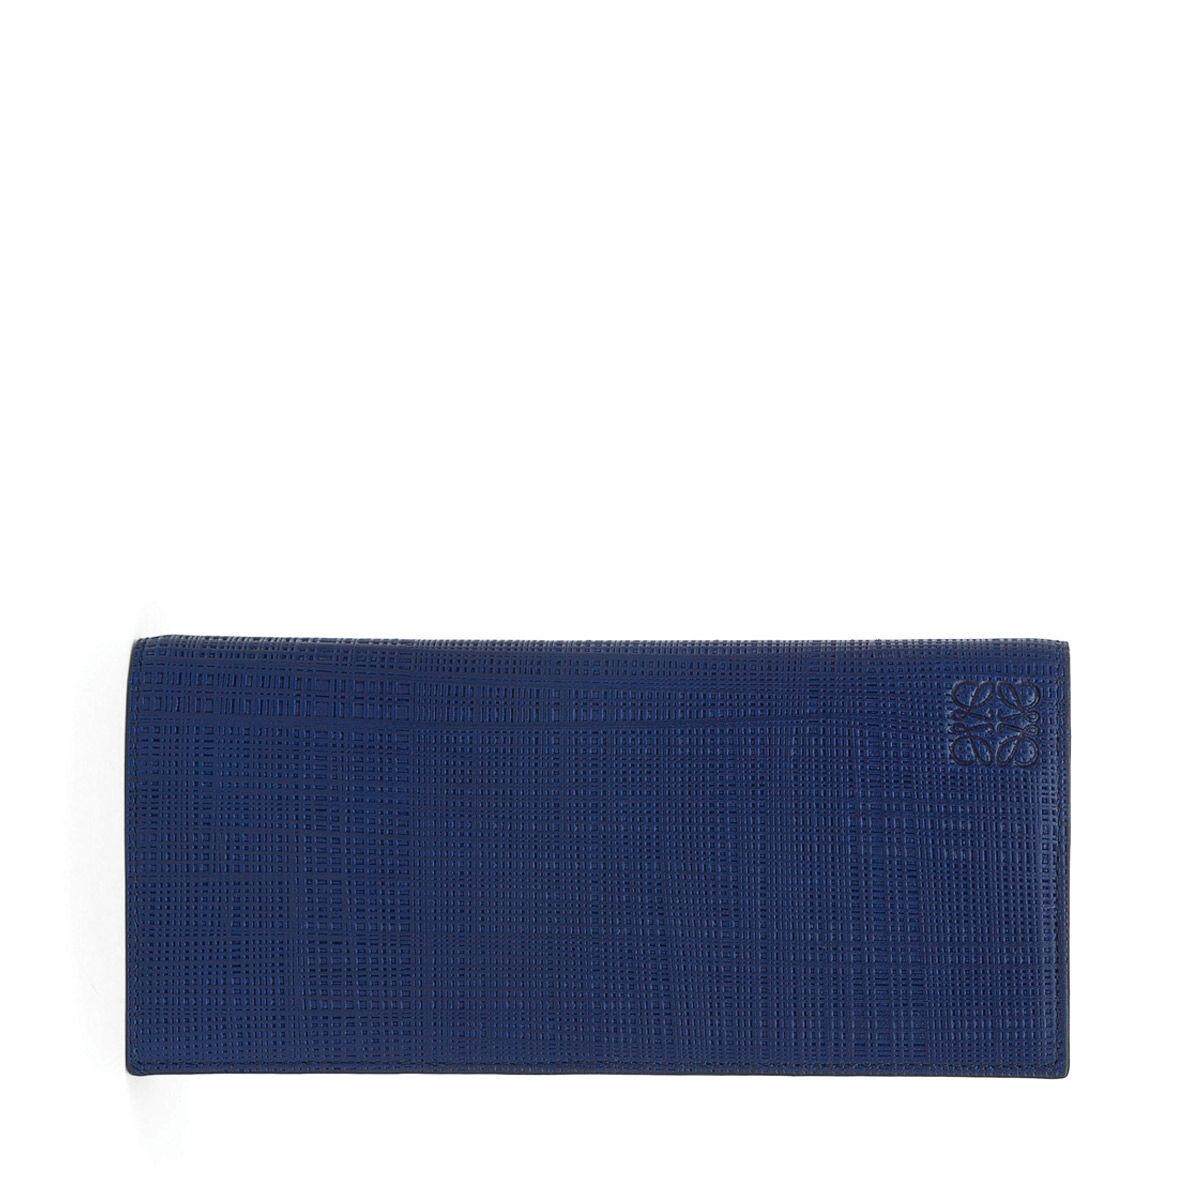 LOEWE Long Horizontal Wallet Navy Blue all